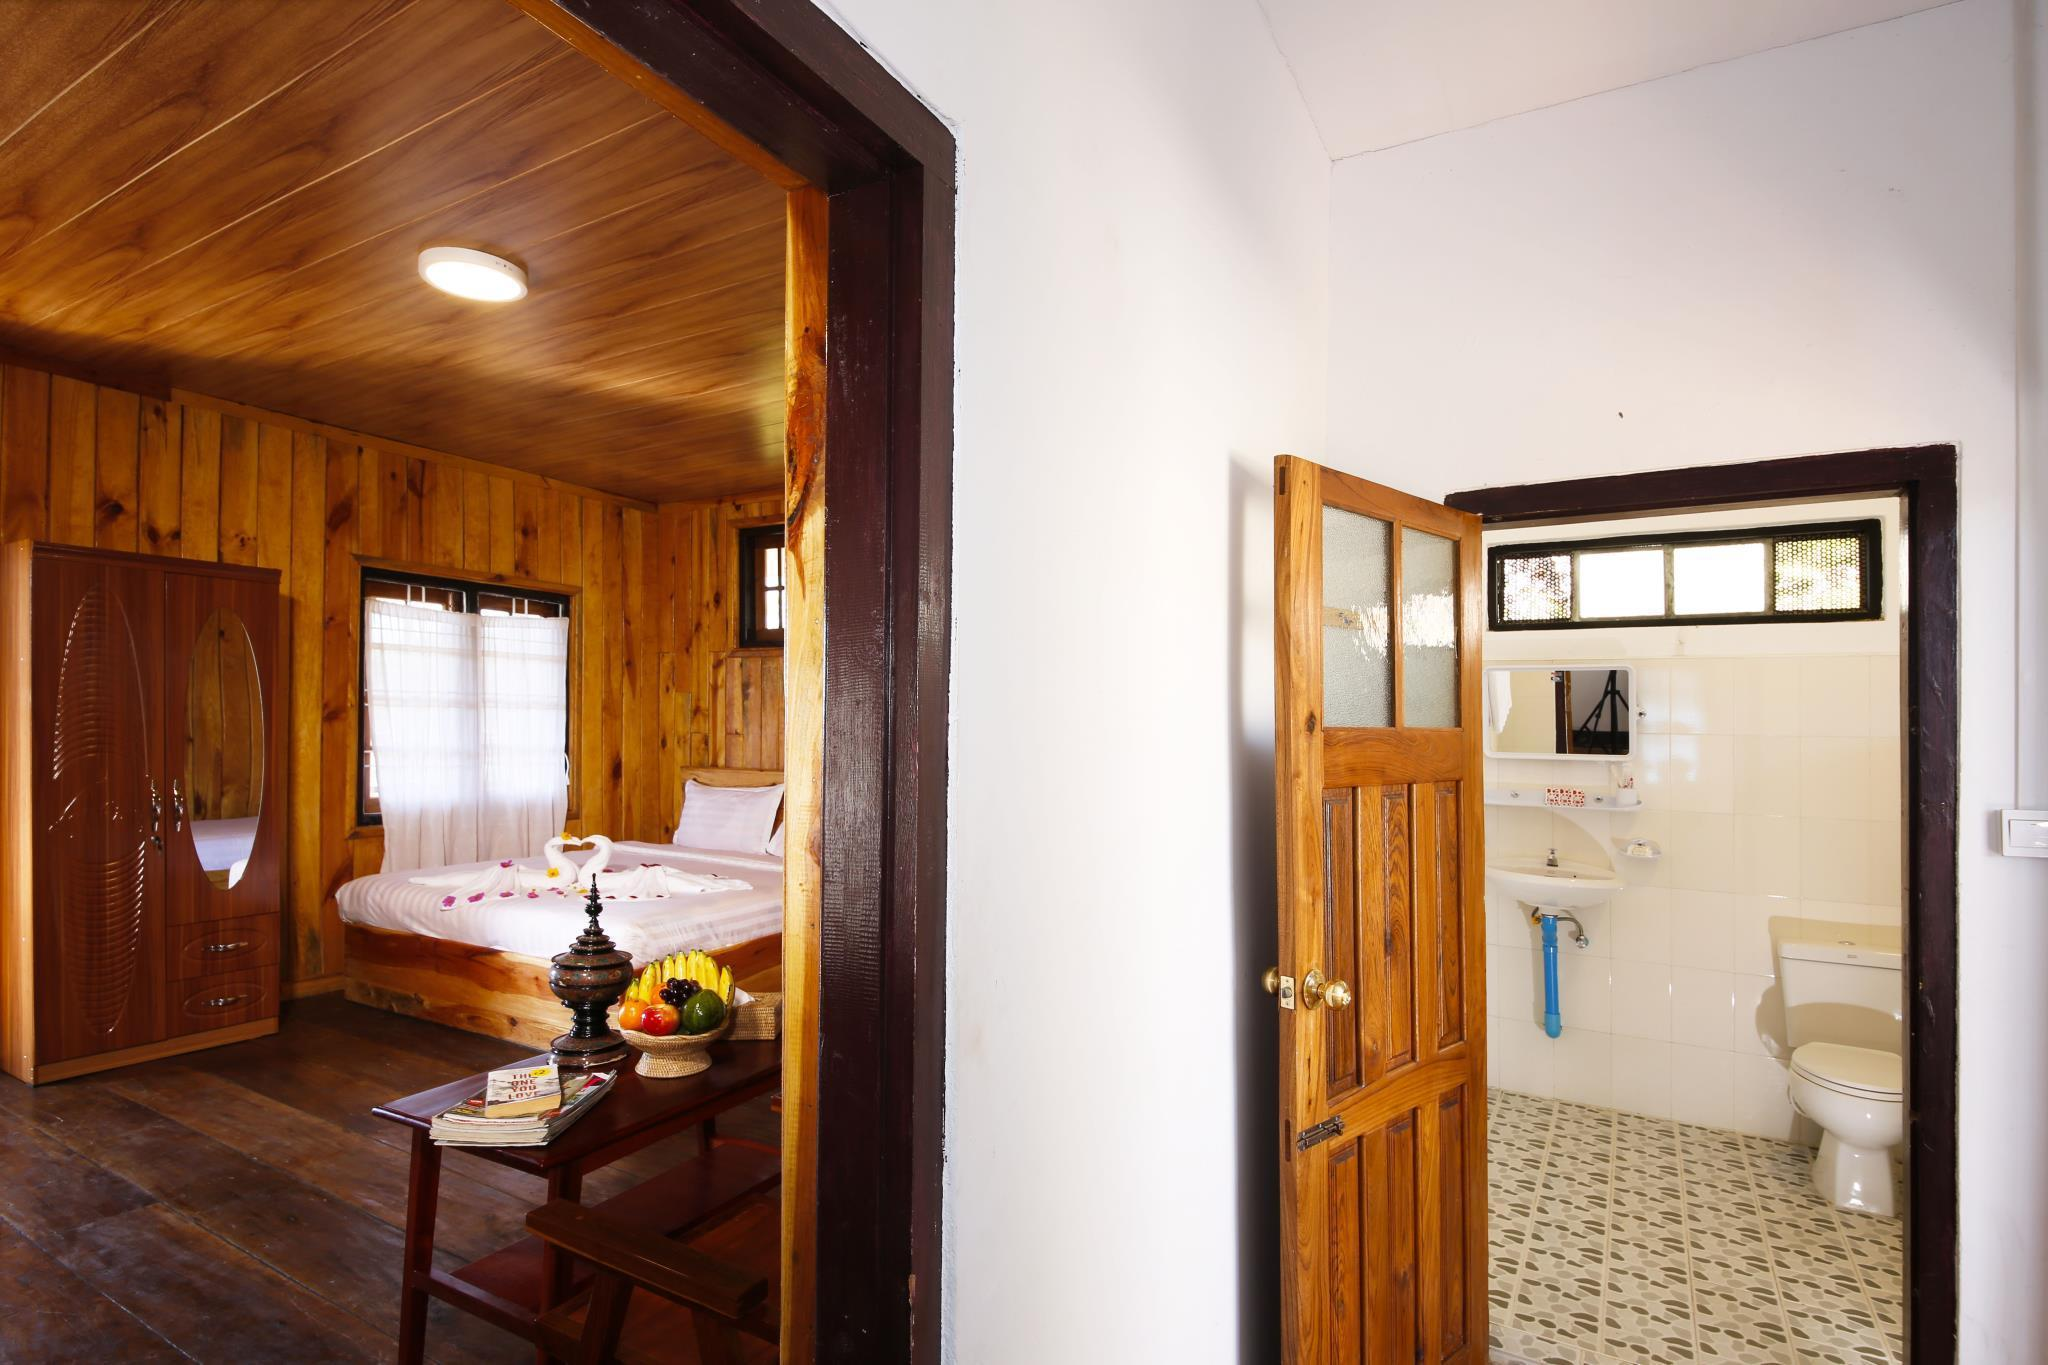 Pine Land Oasis Hotel, Taunggye